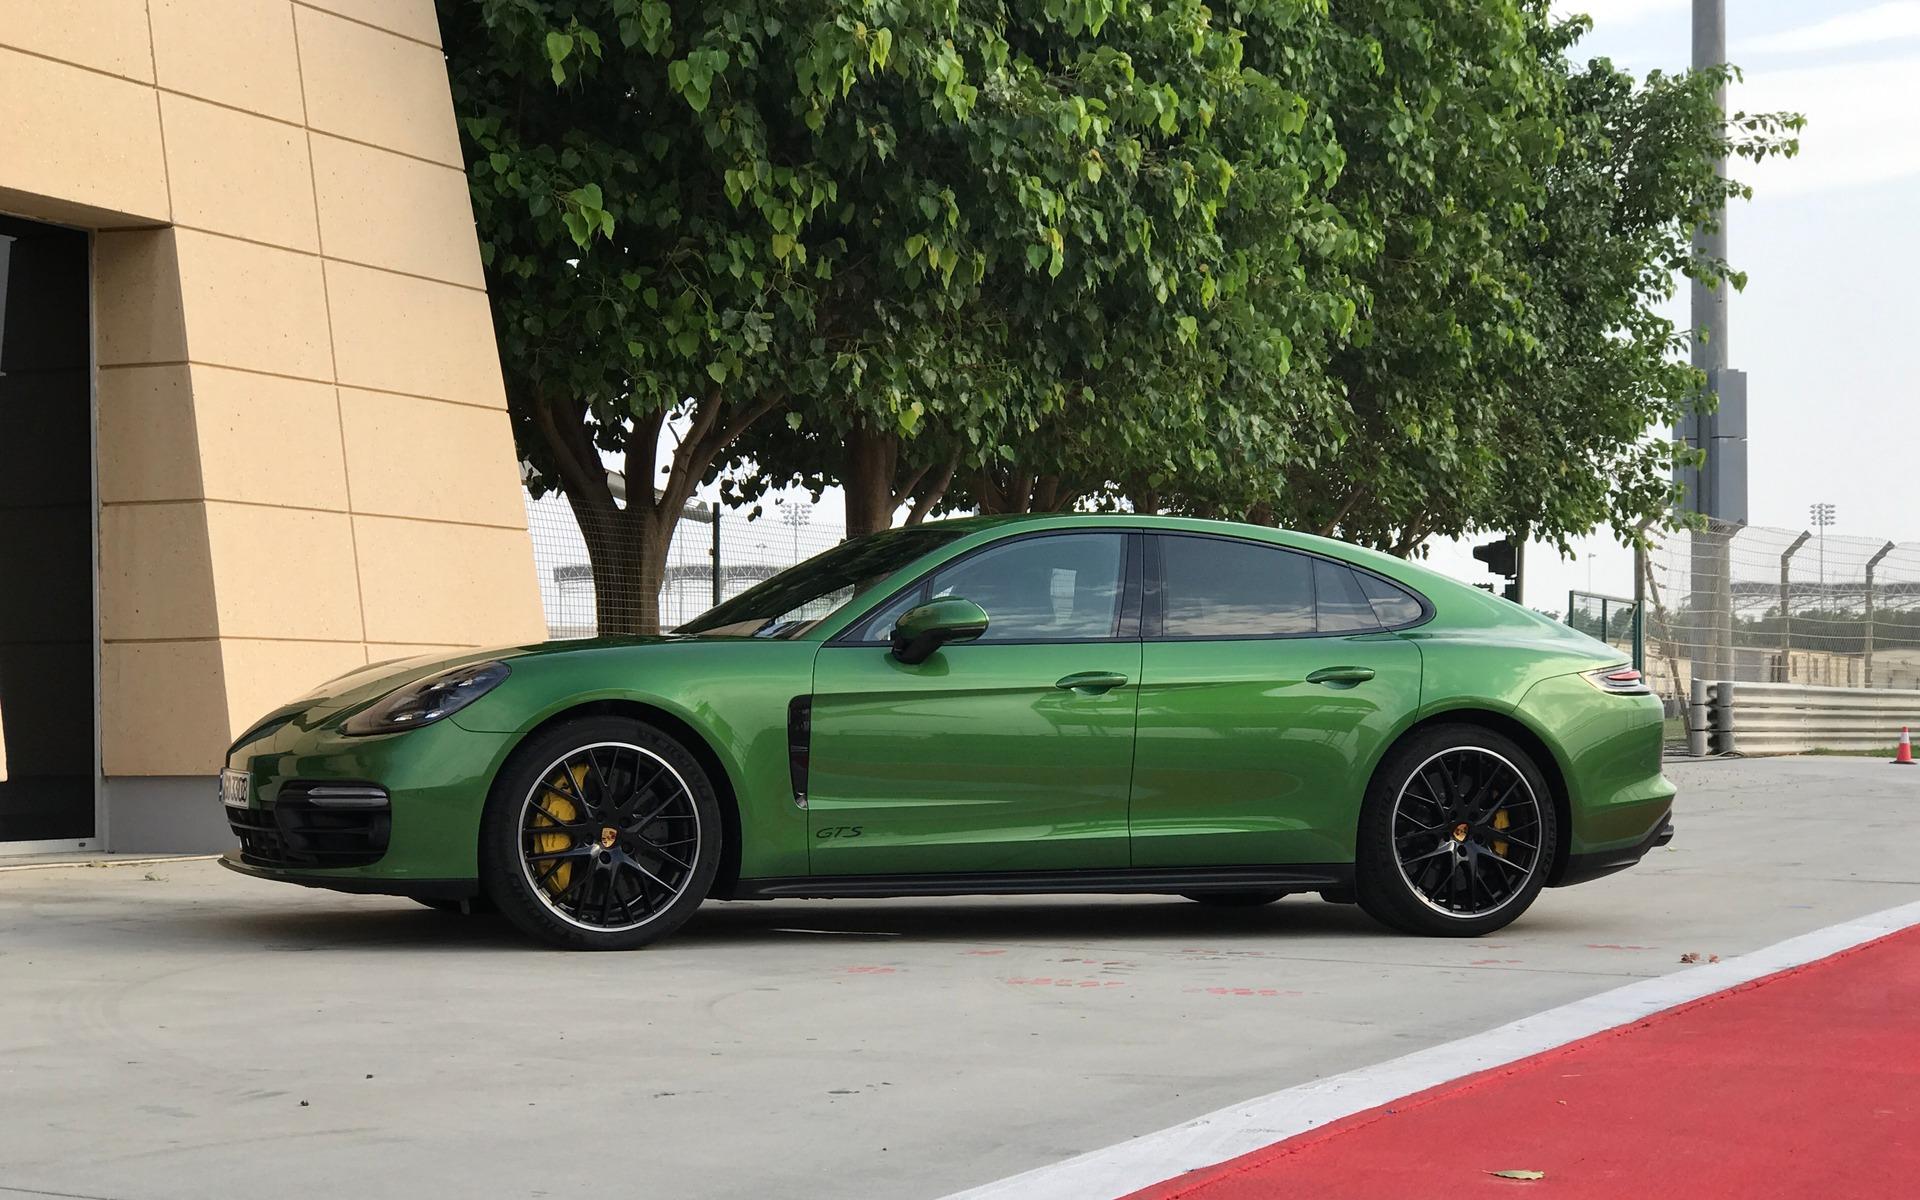 Porsche Panamera GTS 2019 : l'ADN d'une sportive, le luxe en prime 353514_2019_Porsche_Panamera